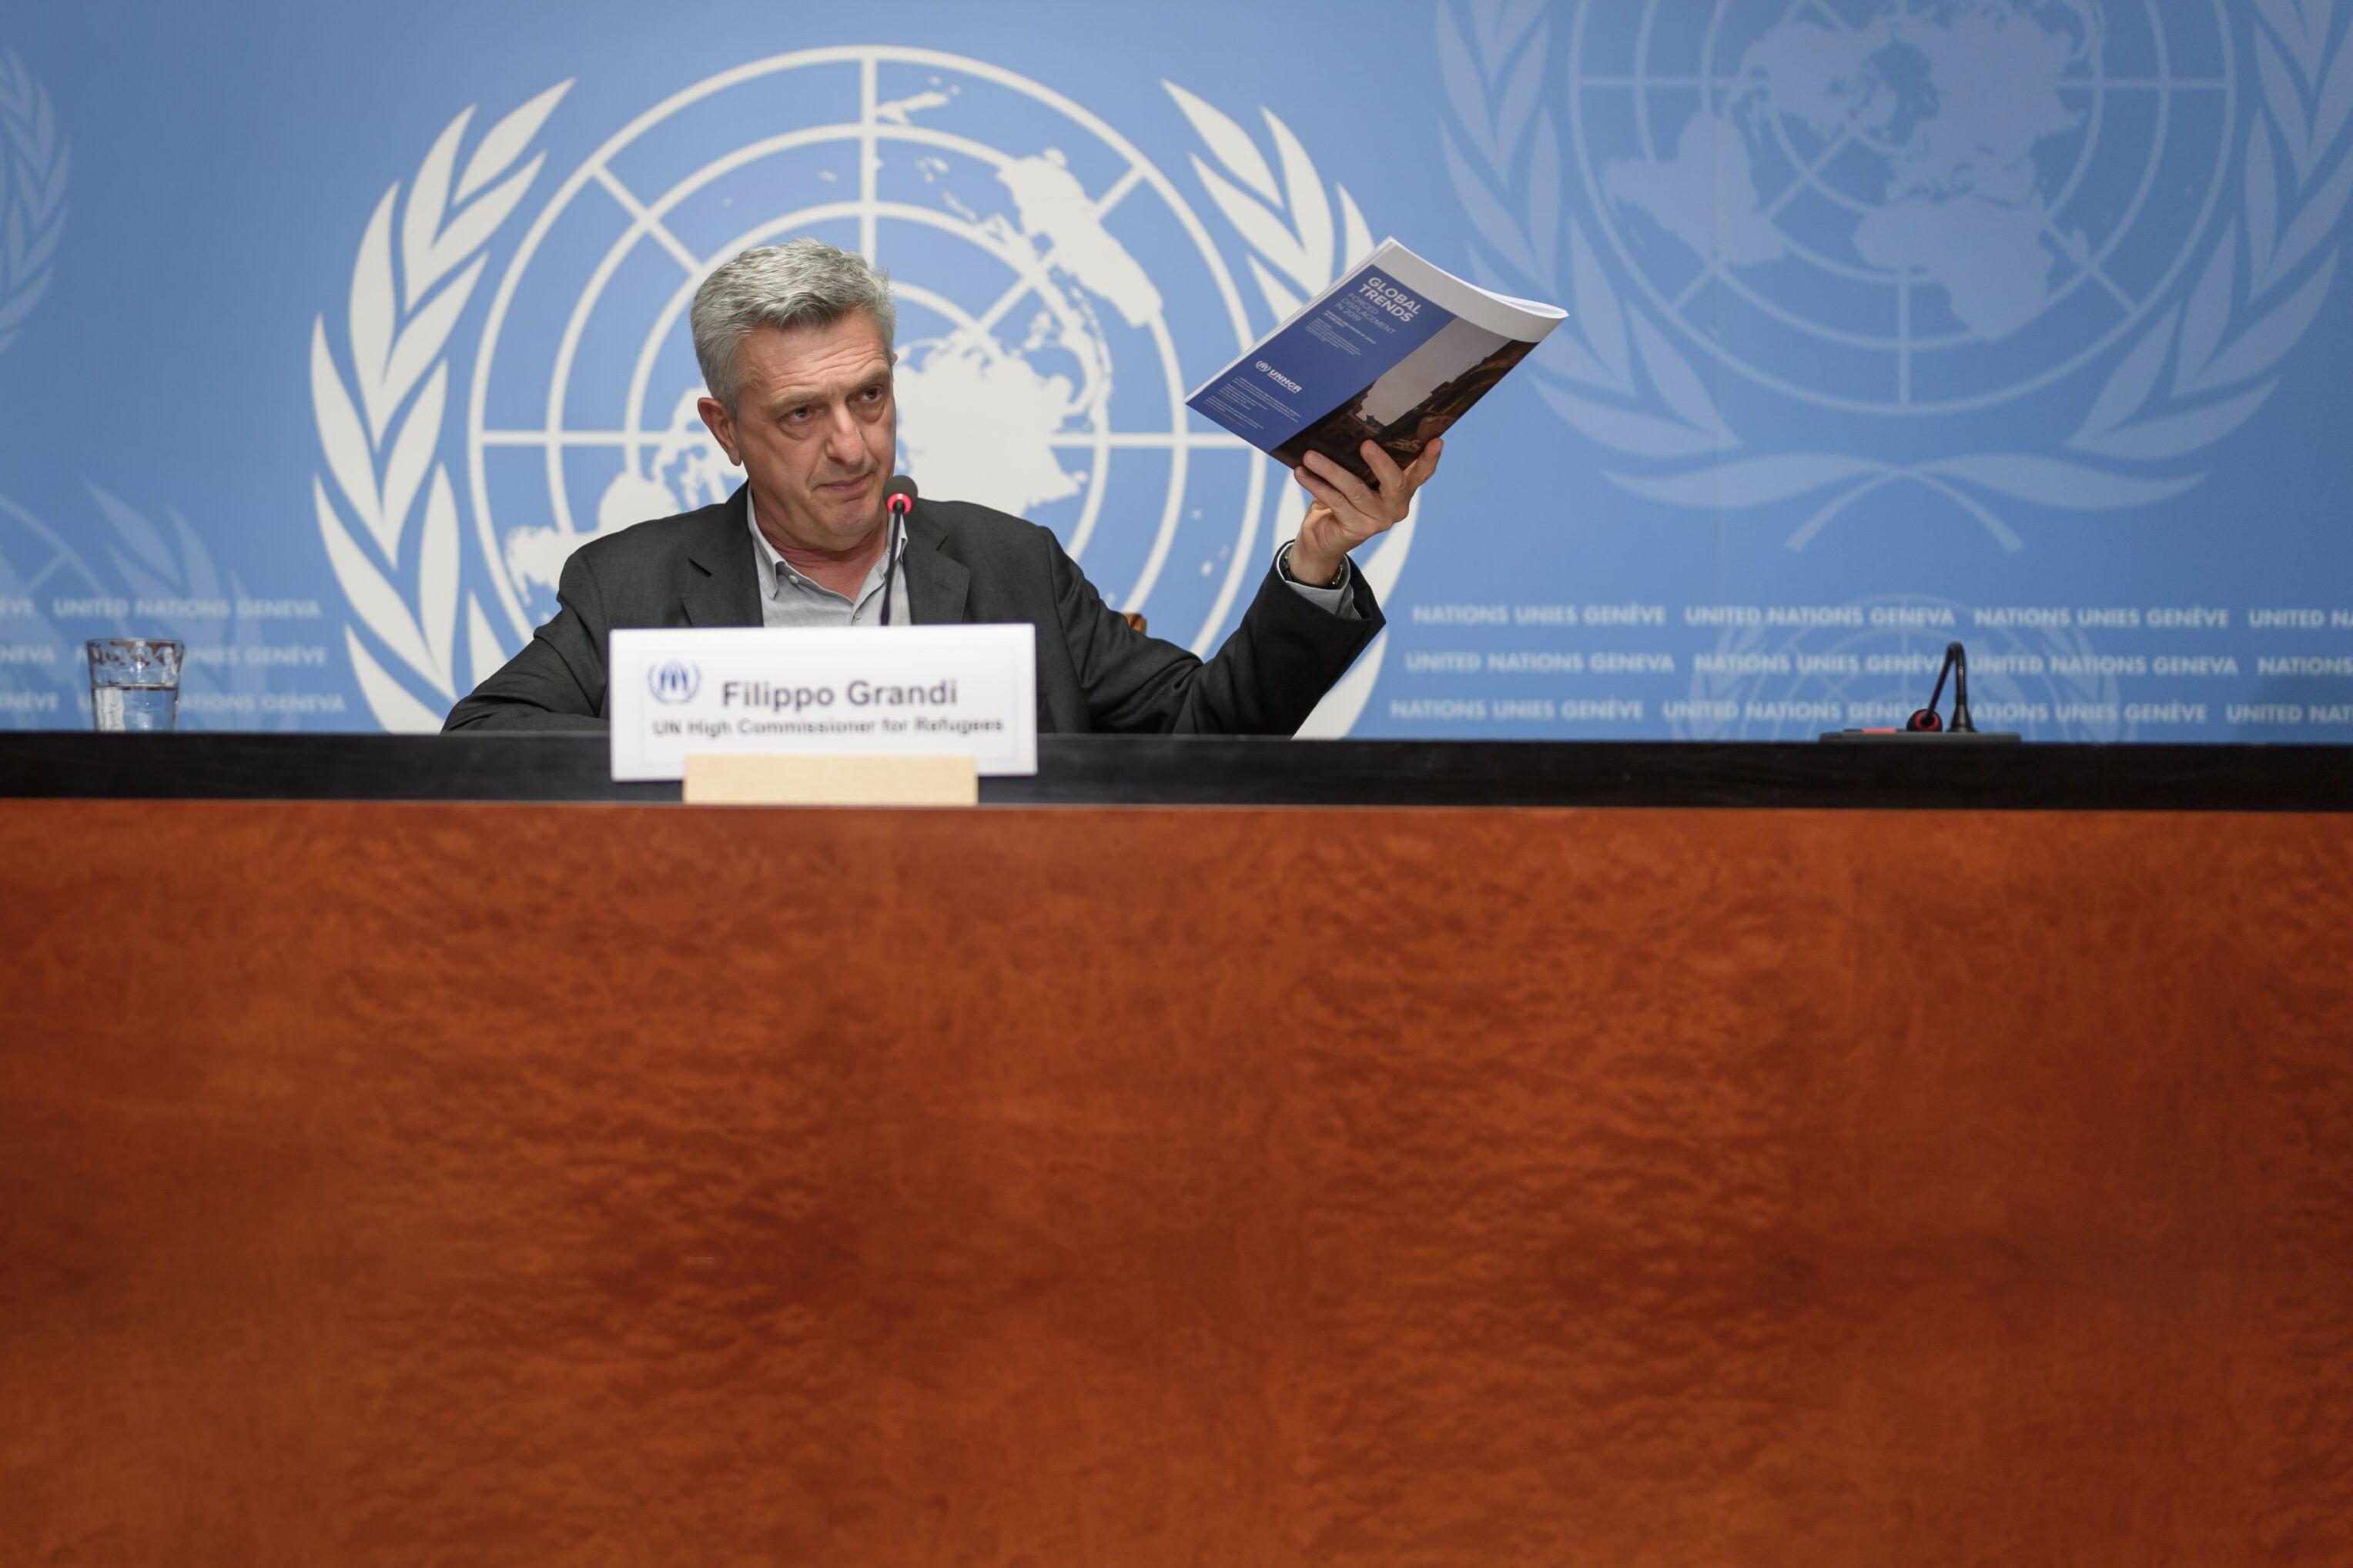 O alto comissário da ONU para os refugiados, Filippo Grandi, apresenta relatório da organização sobre o número de pessoas deslocadas e refugiadas, em Genebra, Suíça, 16 de junho de 2020